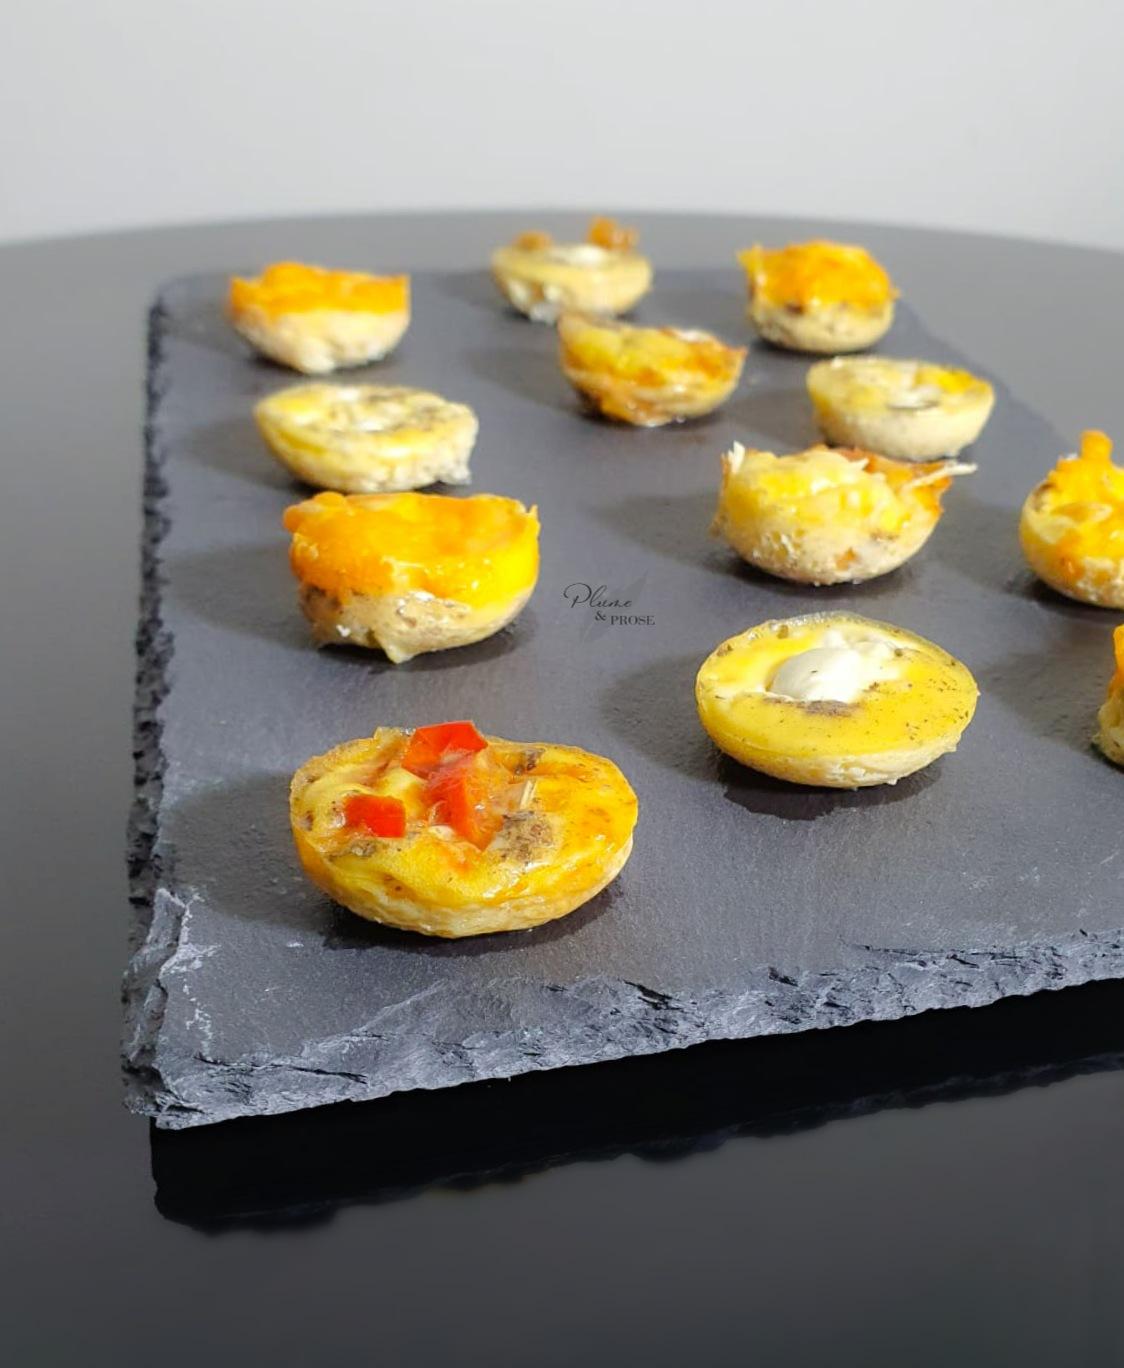 Que diriez-vous d'une bouchée gourmande d'omelette ?